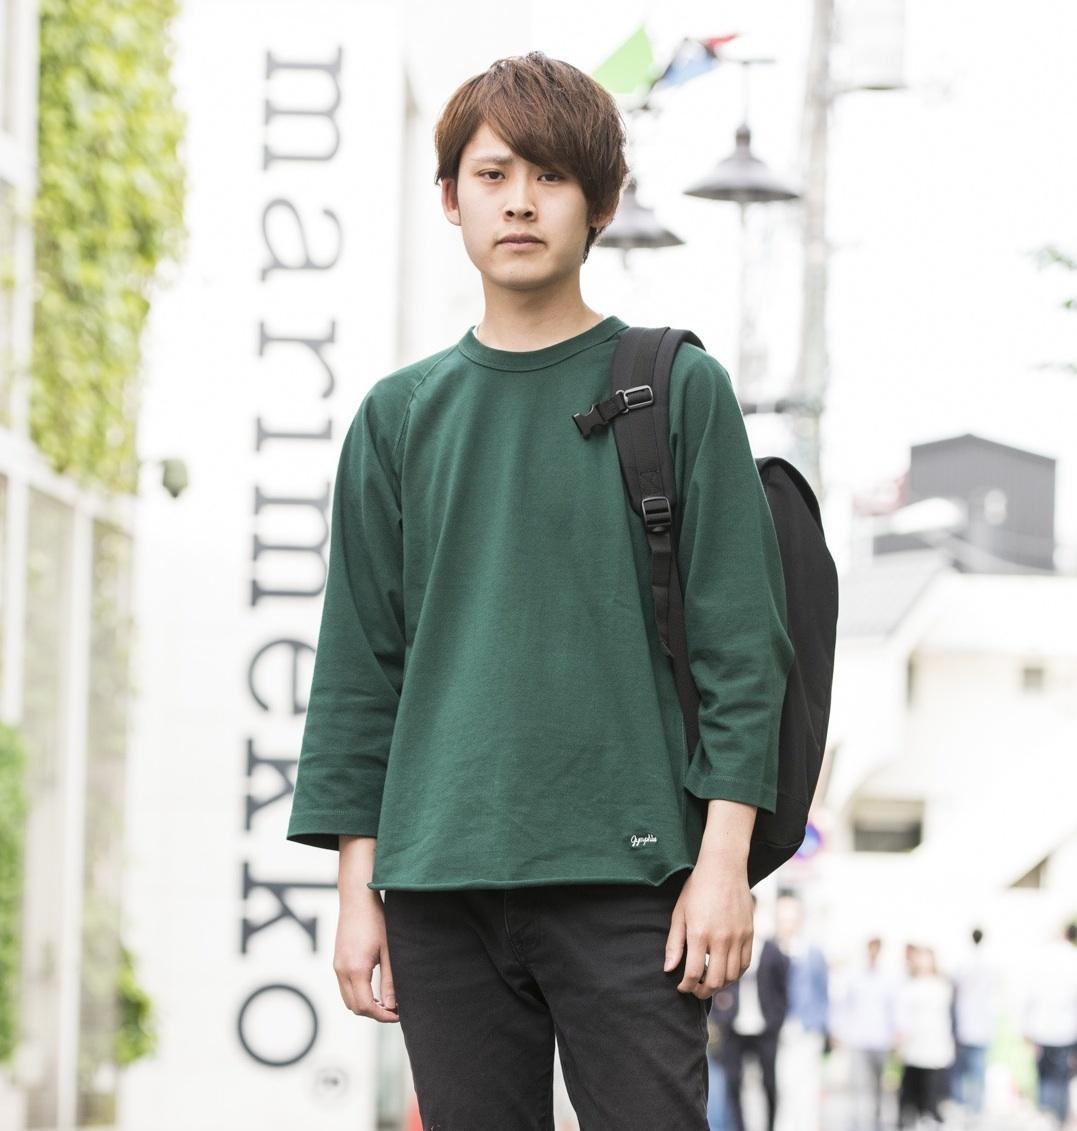 【SNAP JACK】大人のおしゃれは「足元を見られる」んです…。 藤谷 幹くん・東海大学